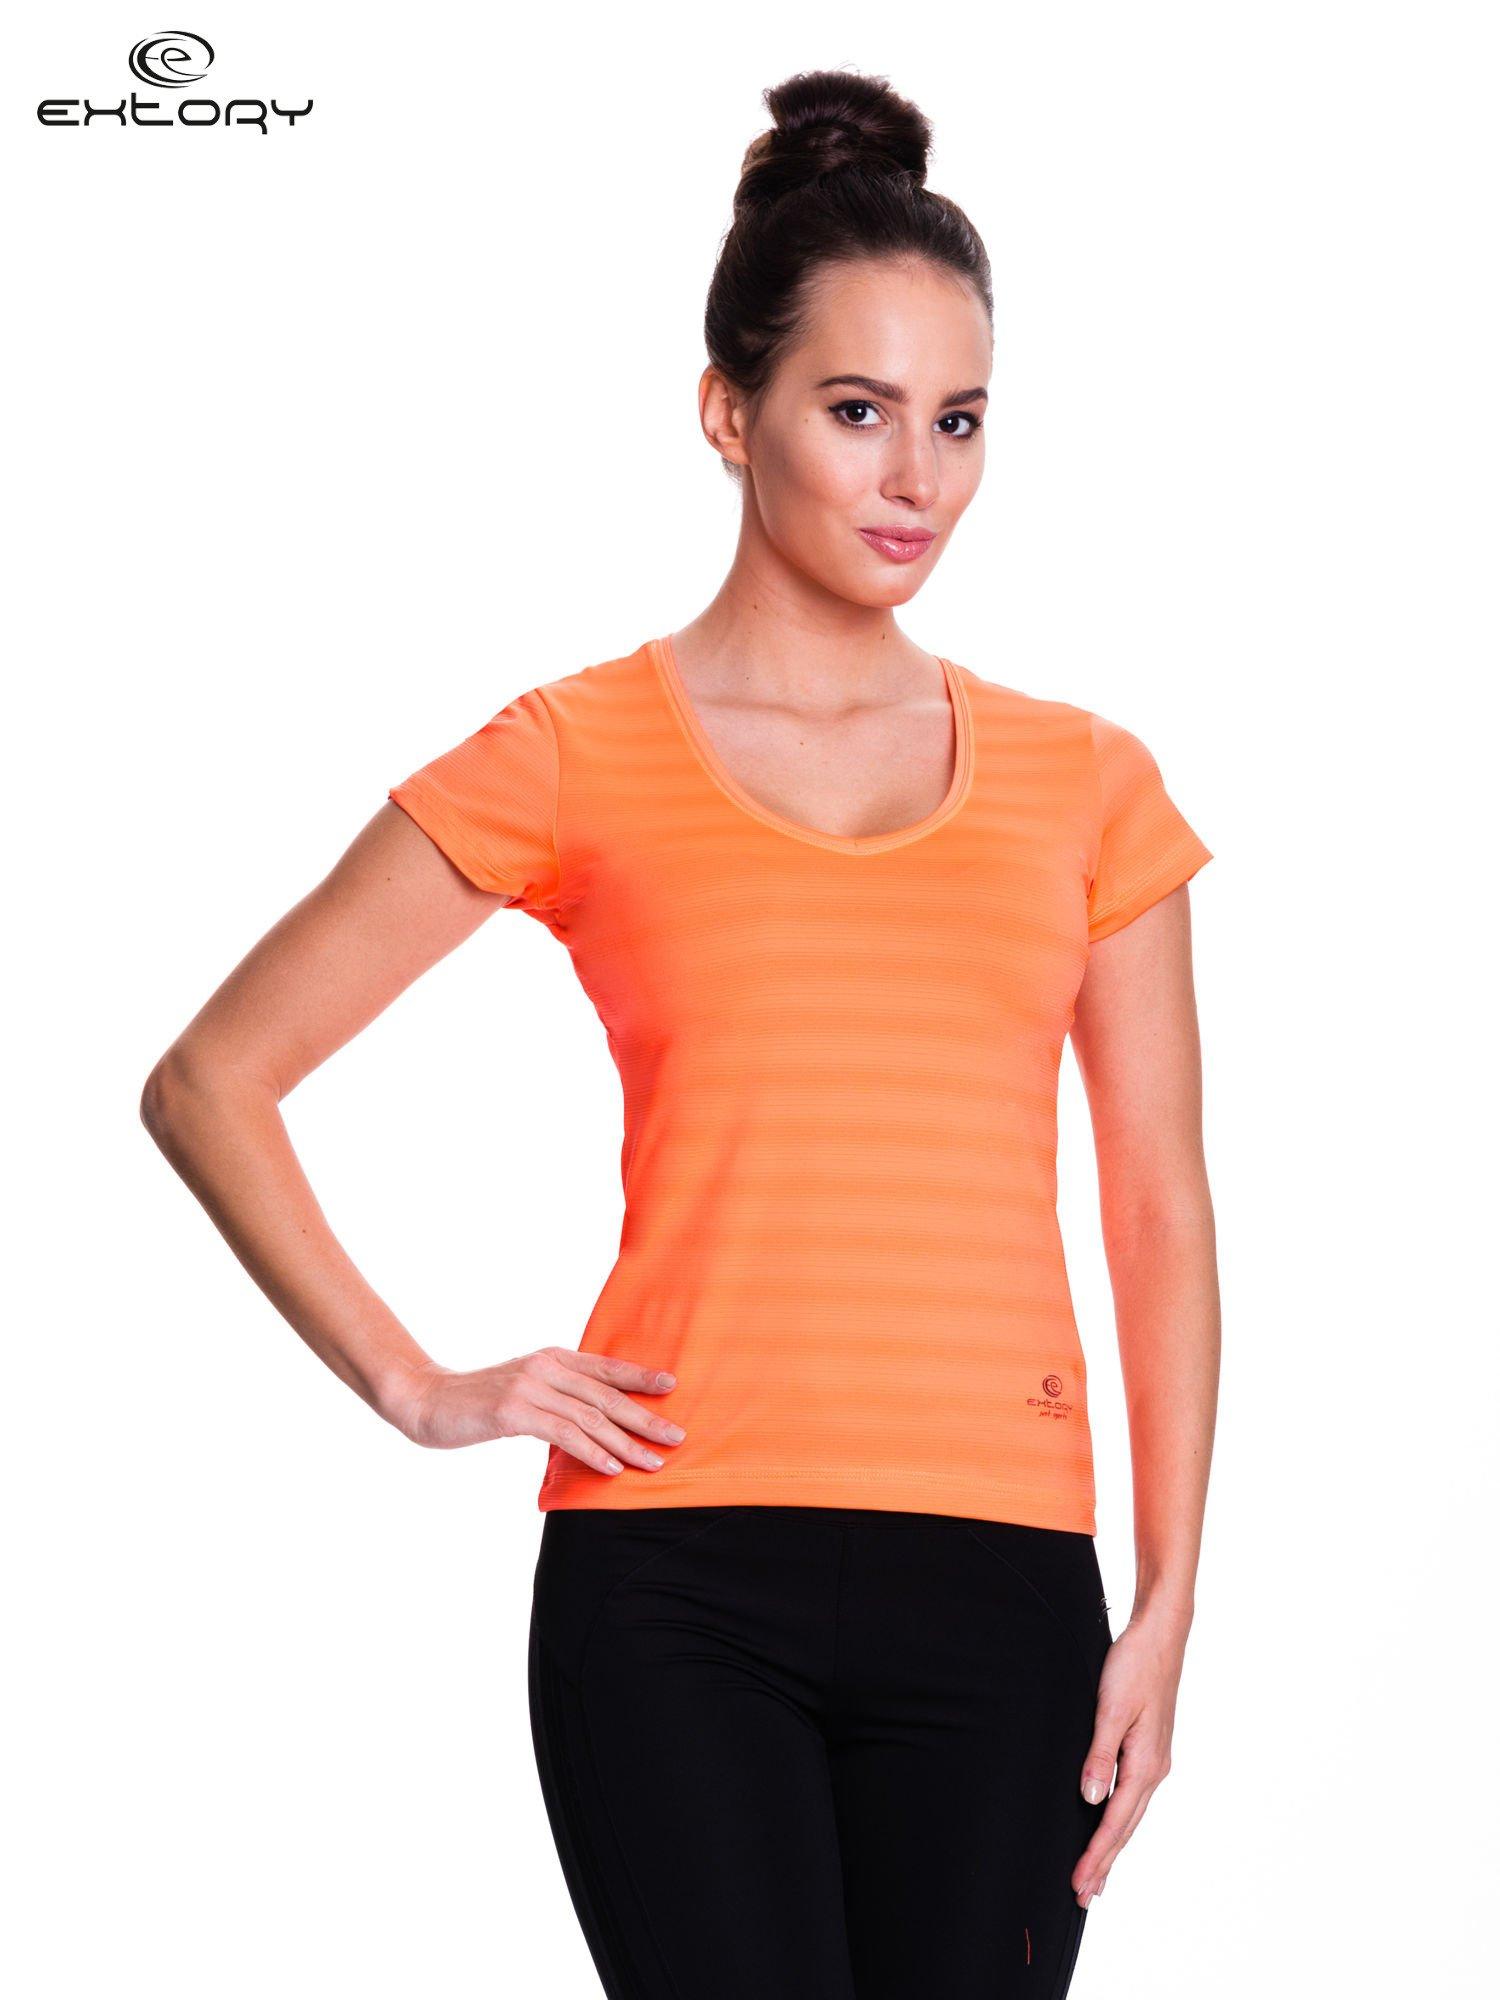 Fluorescenční oranžové pruhované sportovní tričko pro ženy